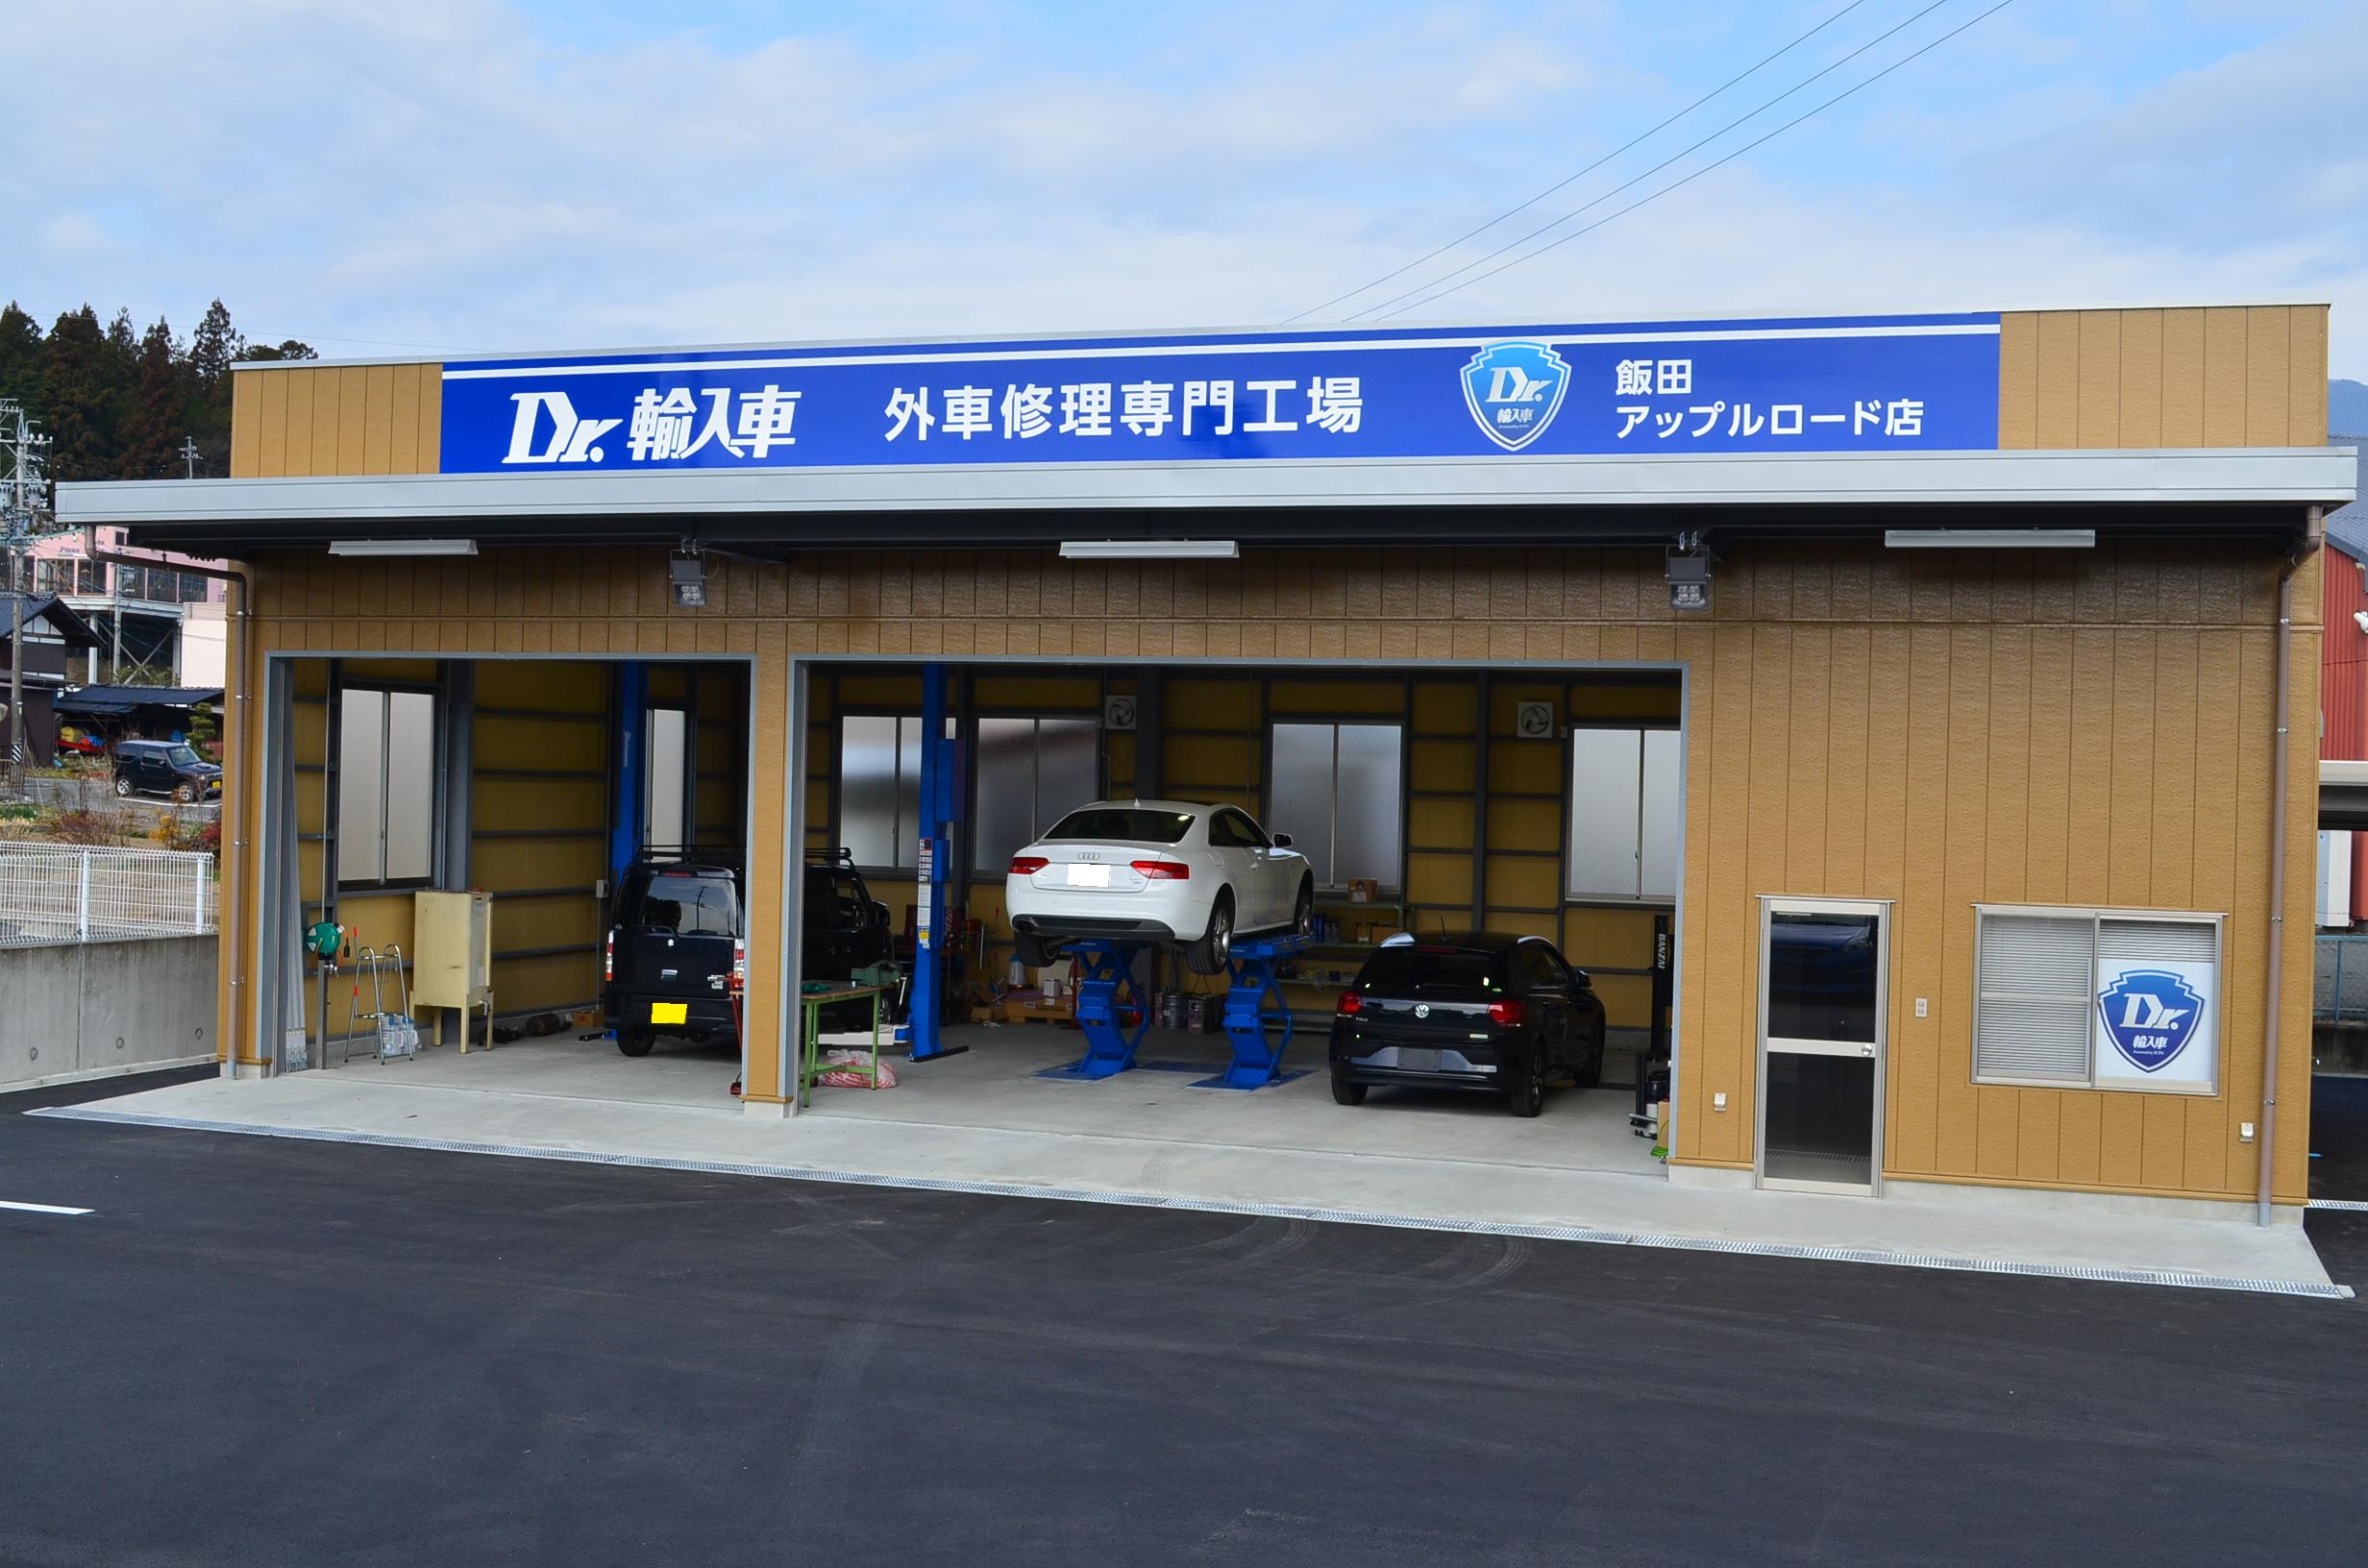 Dr.輸入車 飯田アップルロード店